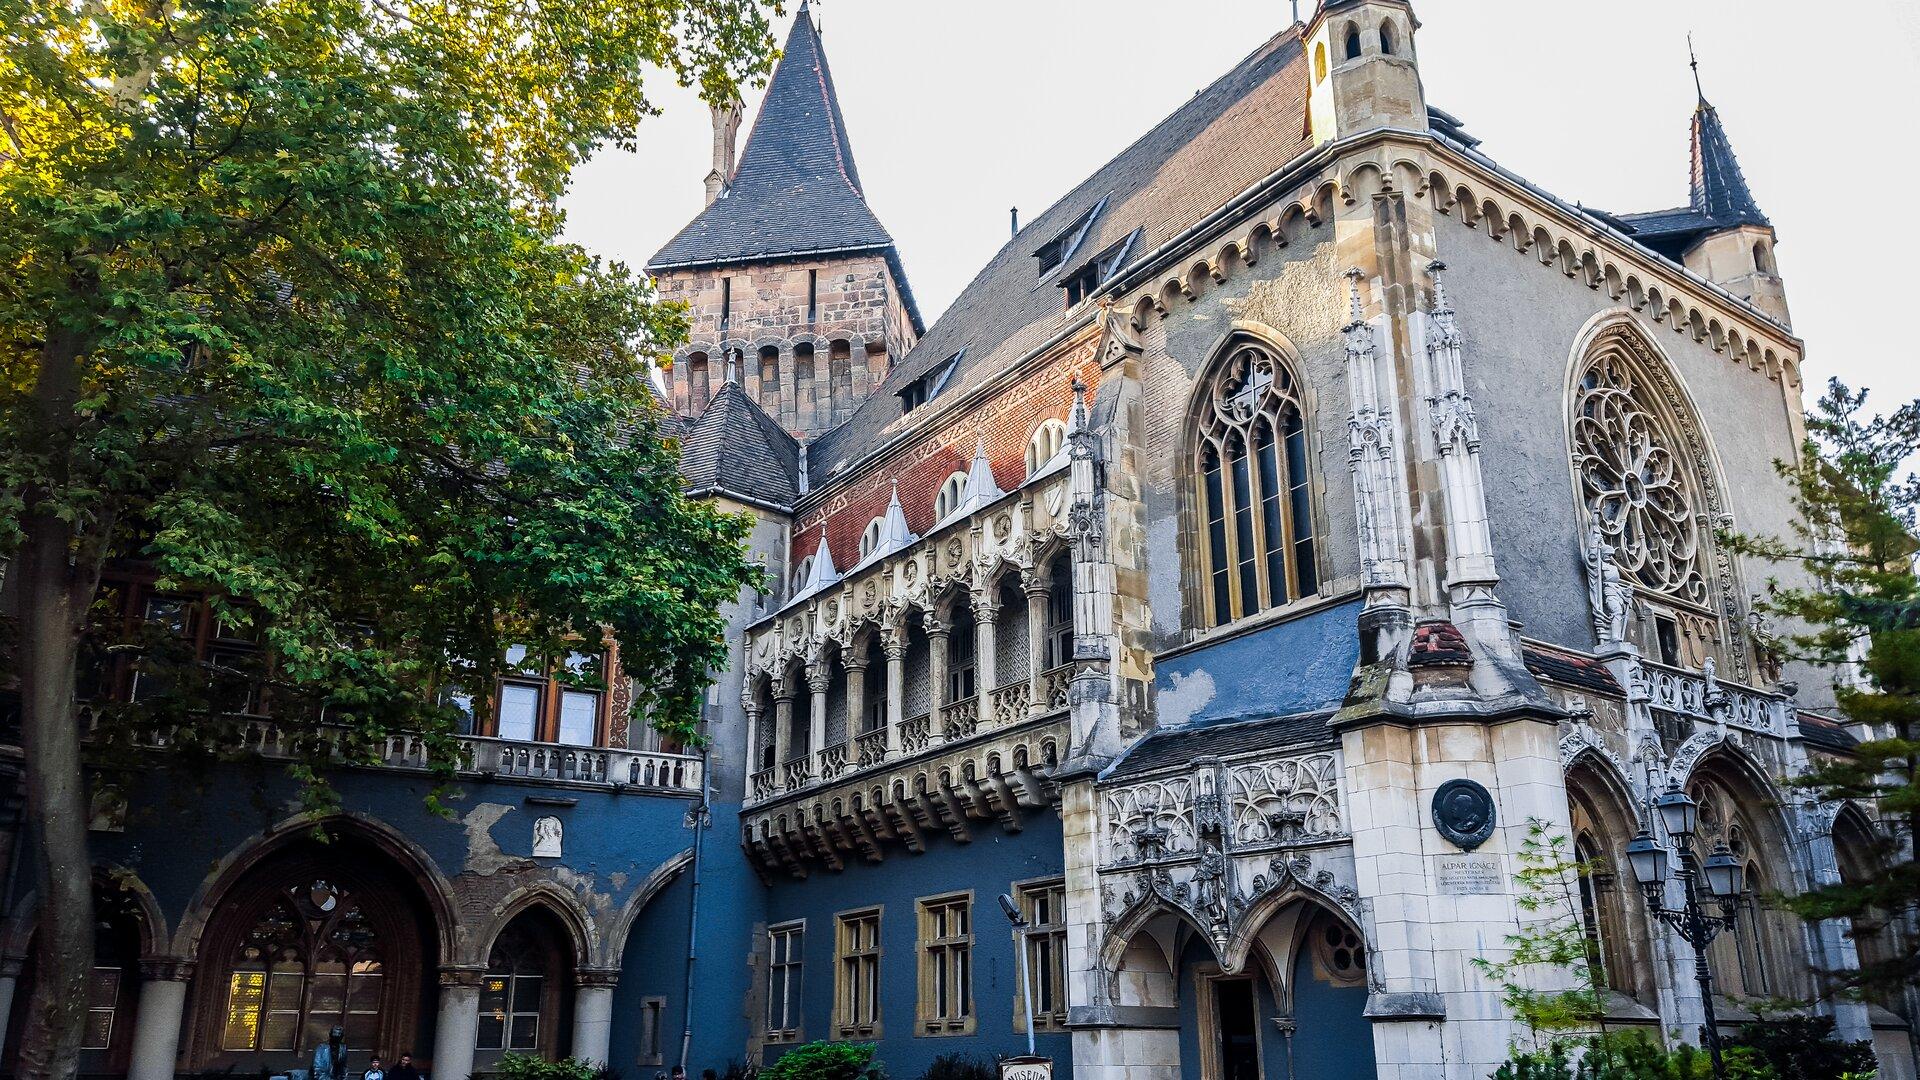 Ilustracja przedstawia Zamek Vajdahunyad wBudapeszcie. Niebiesko-szare ściany przyozdobione są bogatymi elementami ornamentów architektonicznych. Zamek posiada także liczne okna.